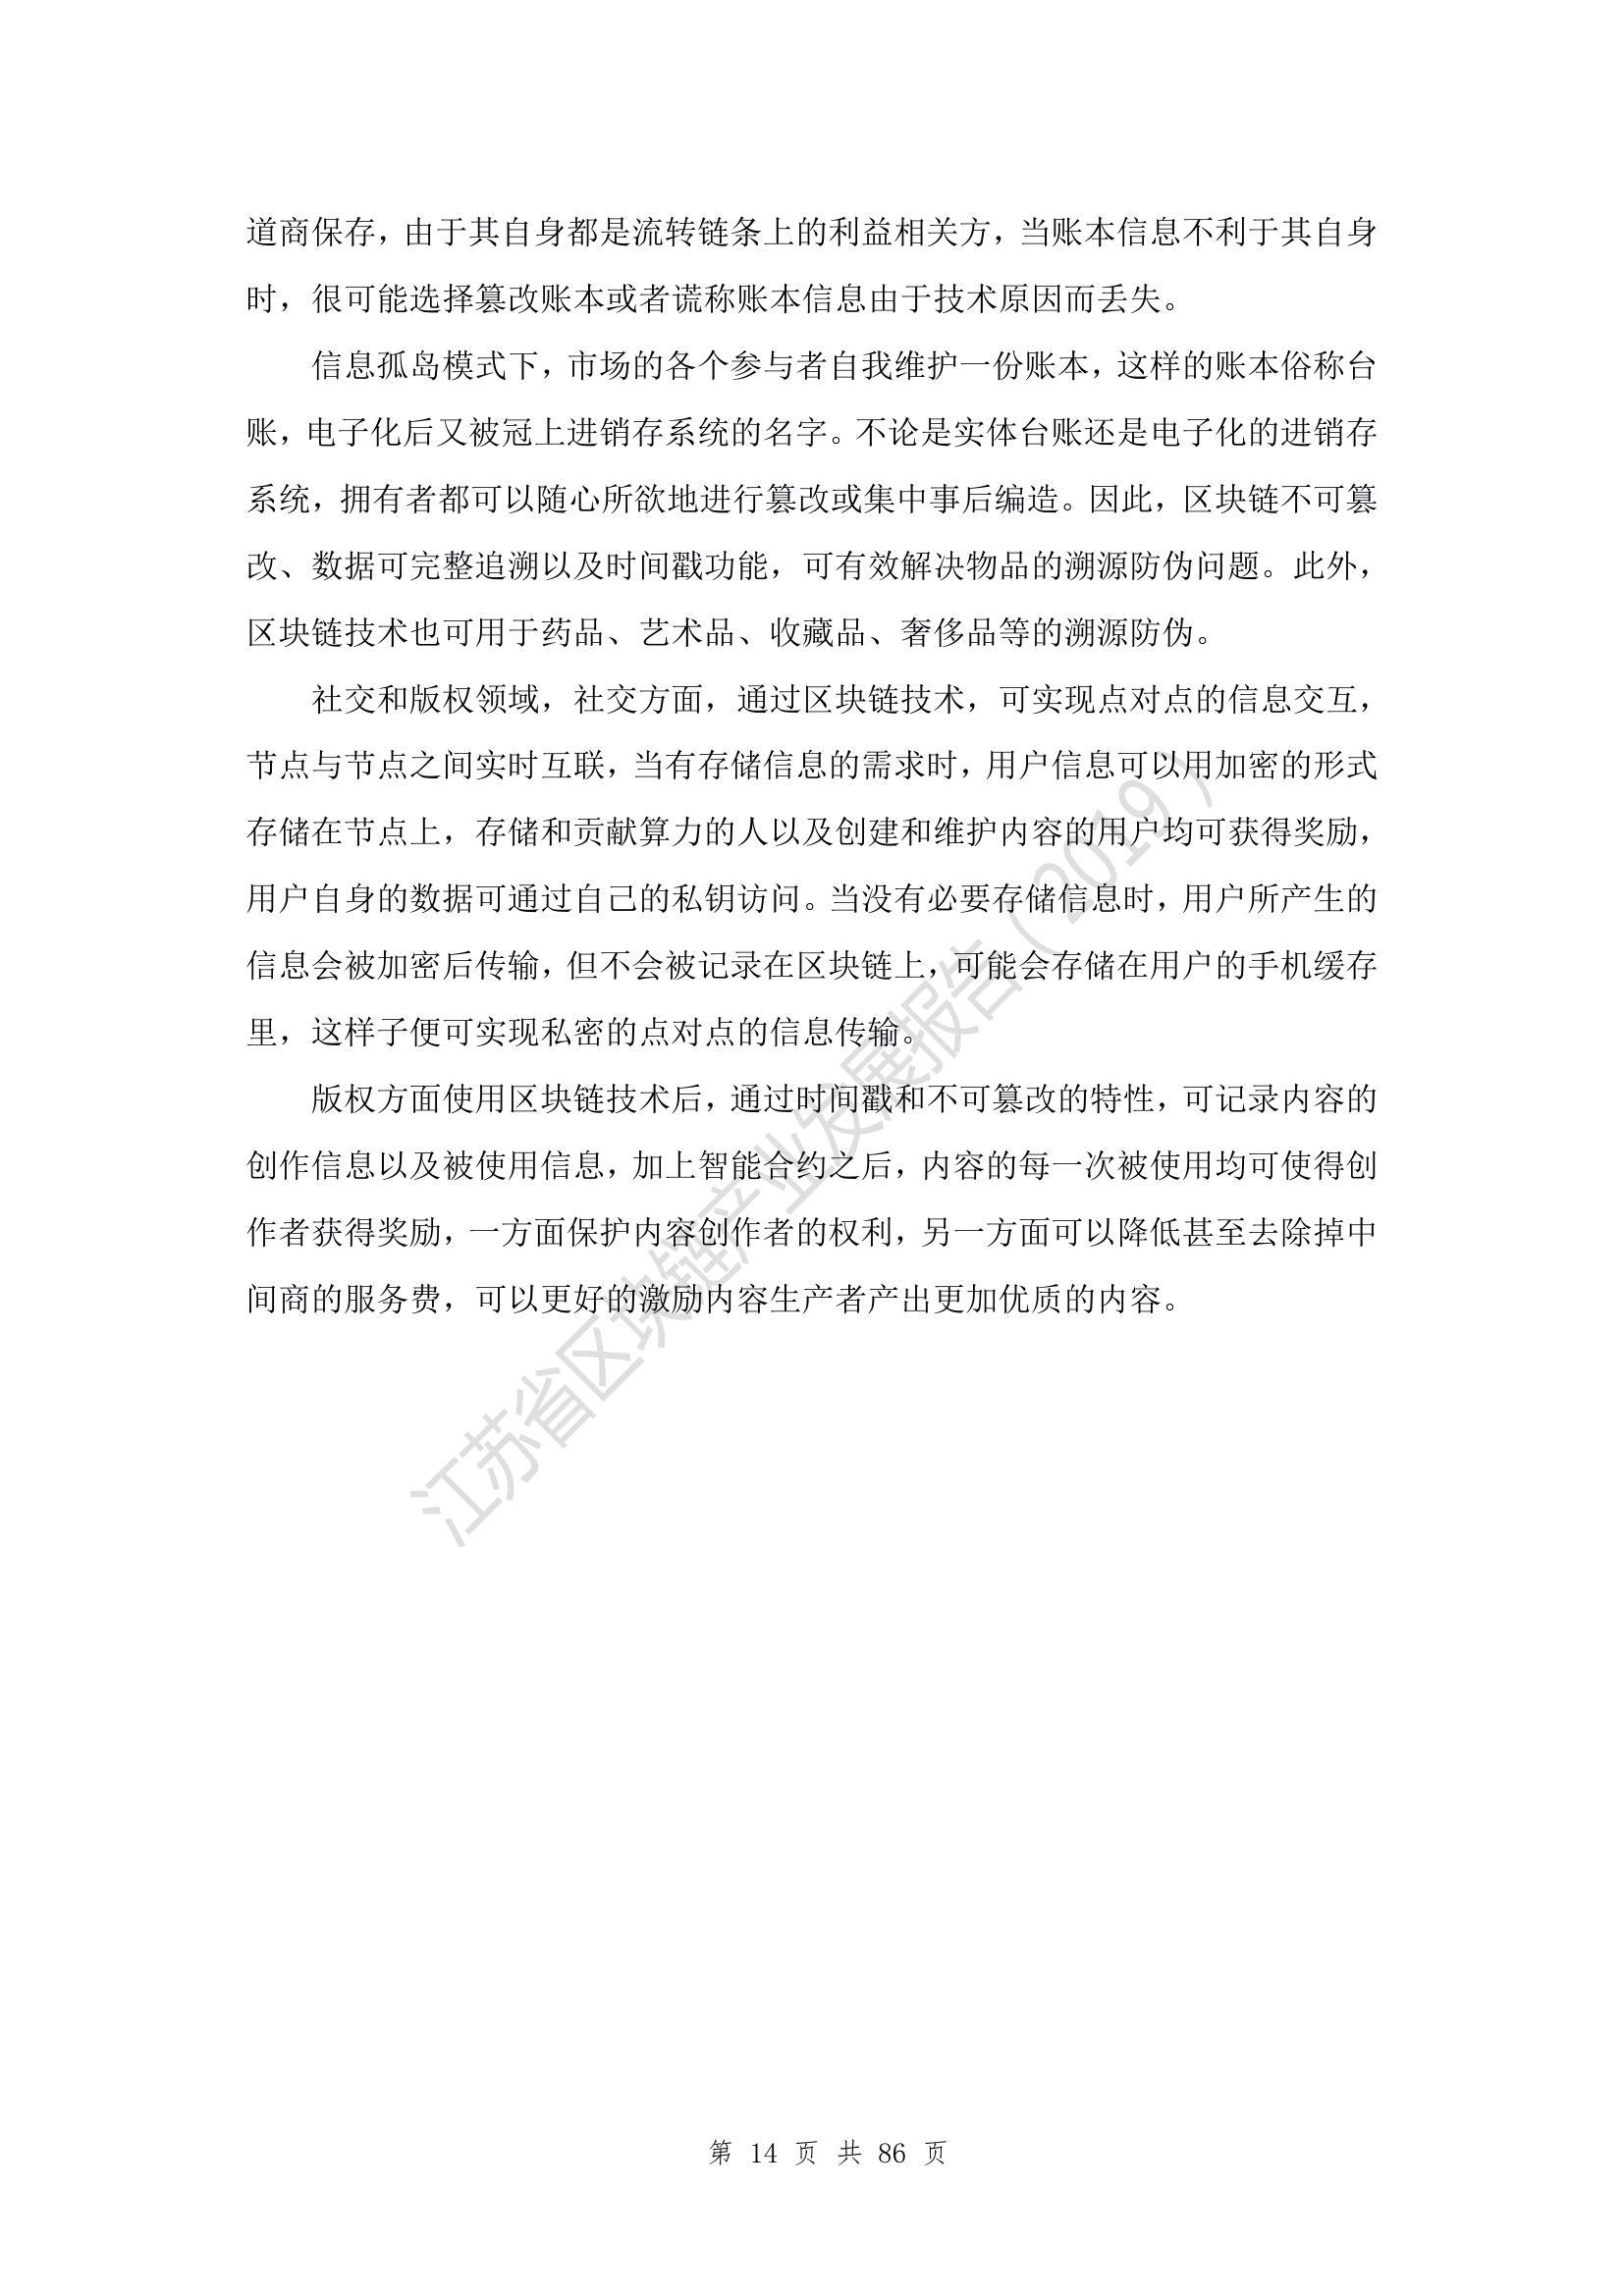 江苏互联网大会:2019江苏省区块链产业发展报告(附下载)插图(18)